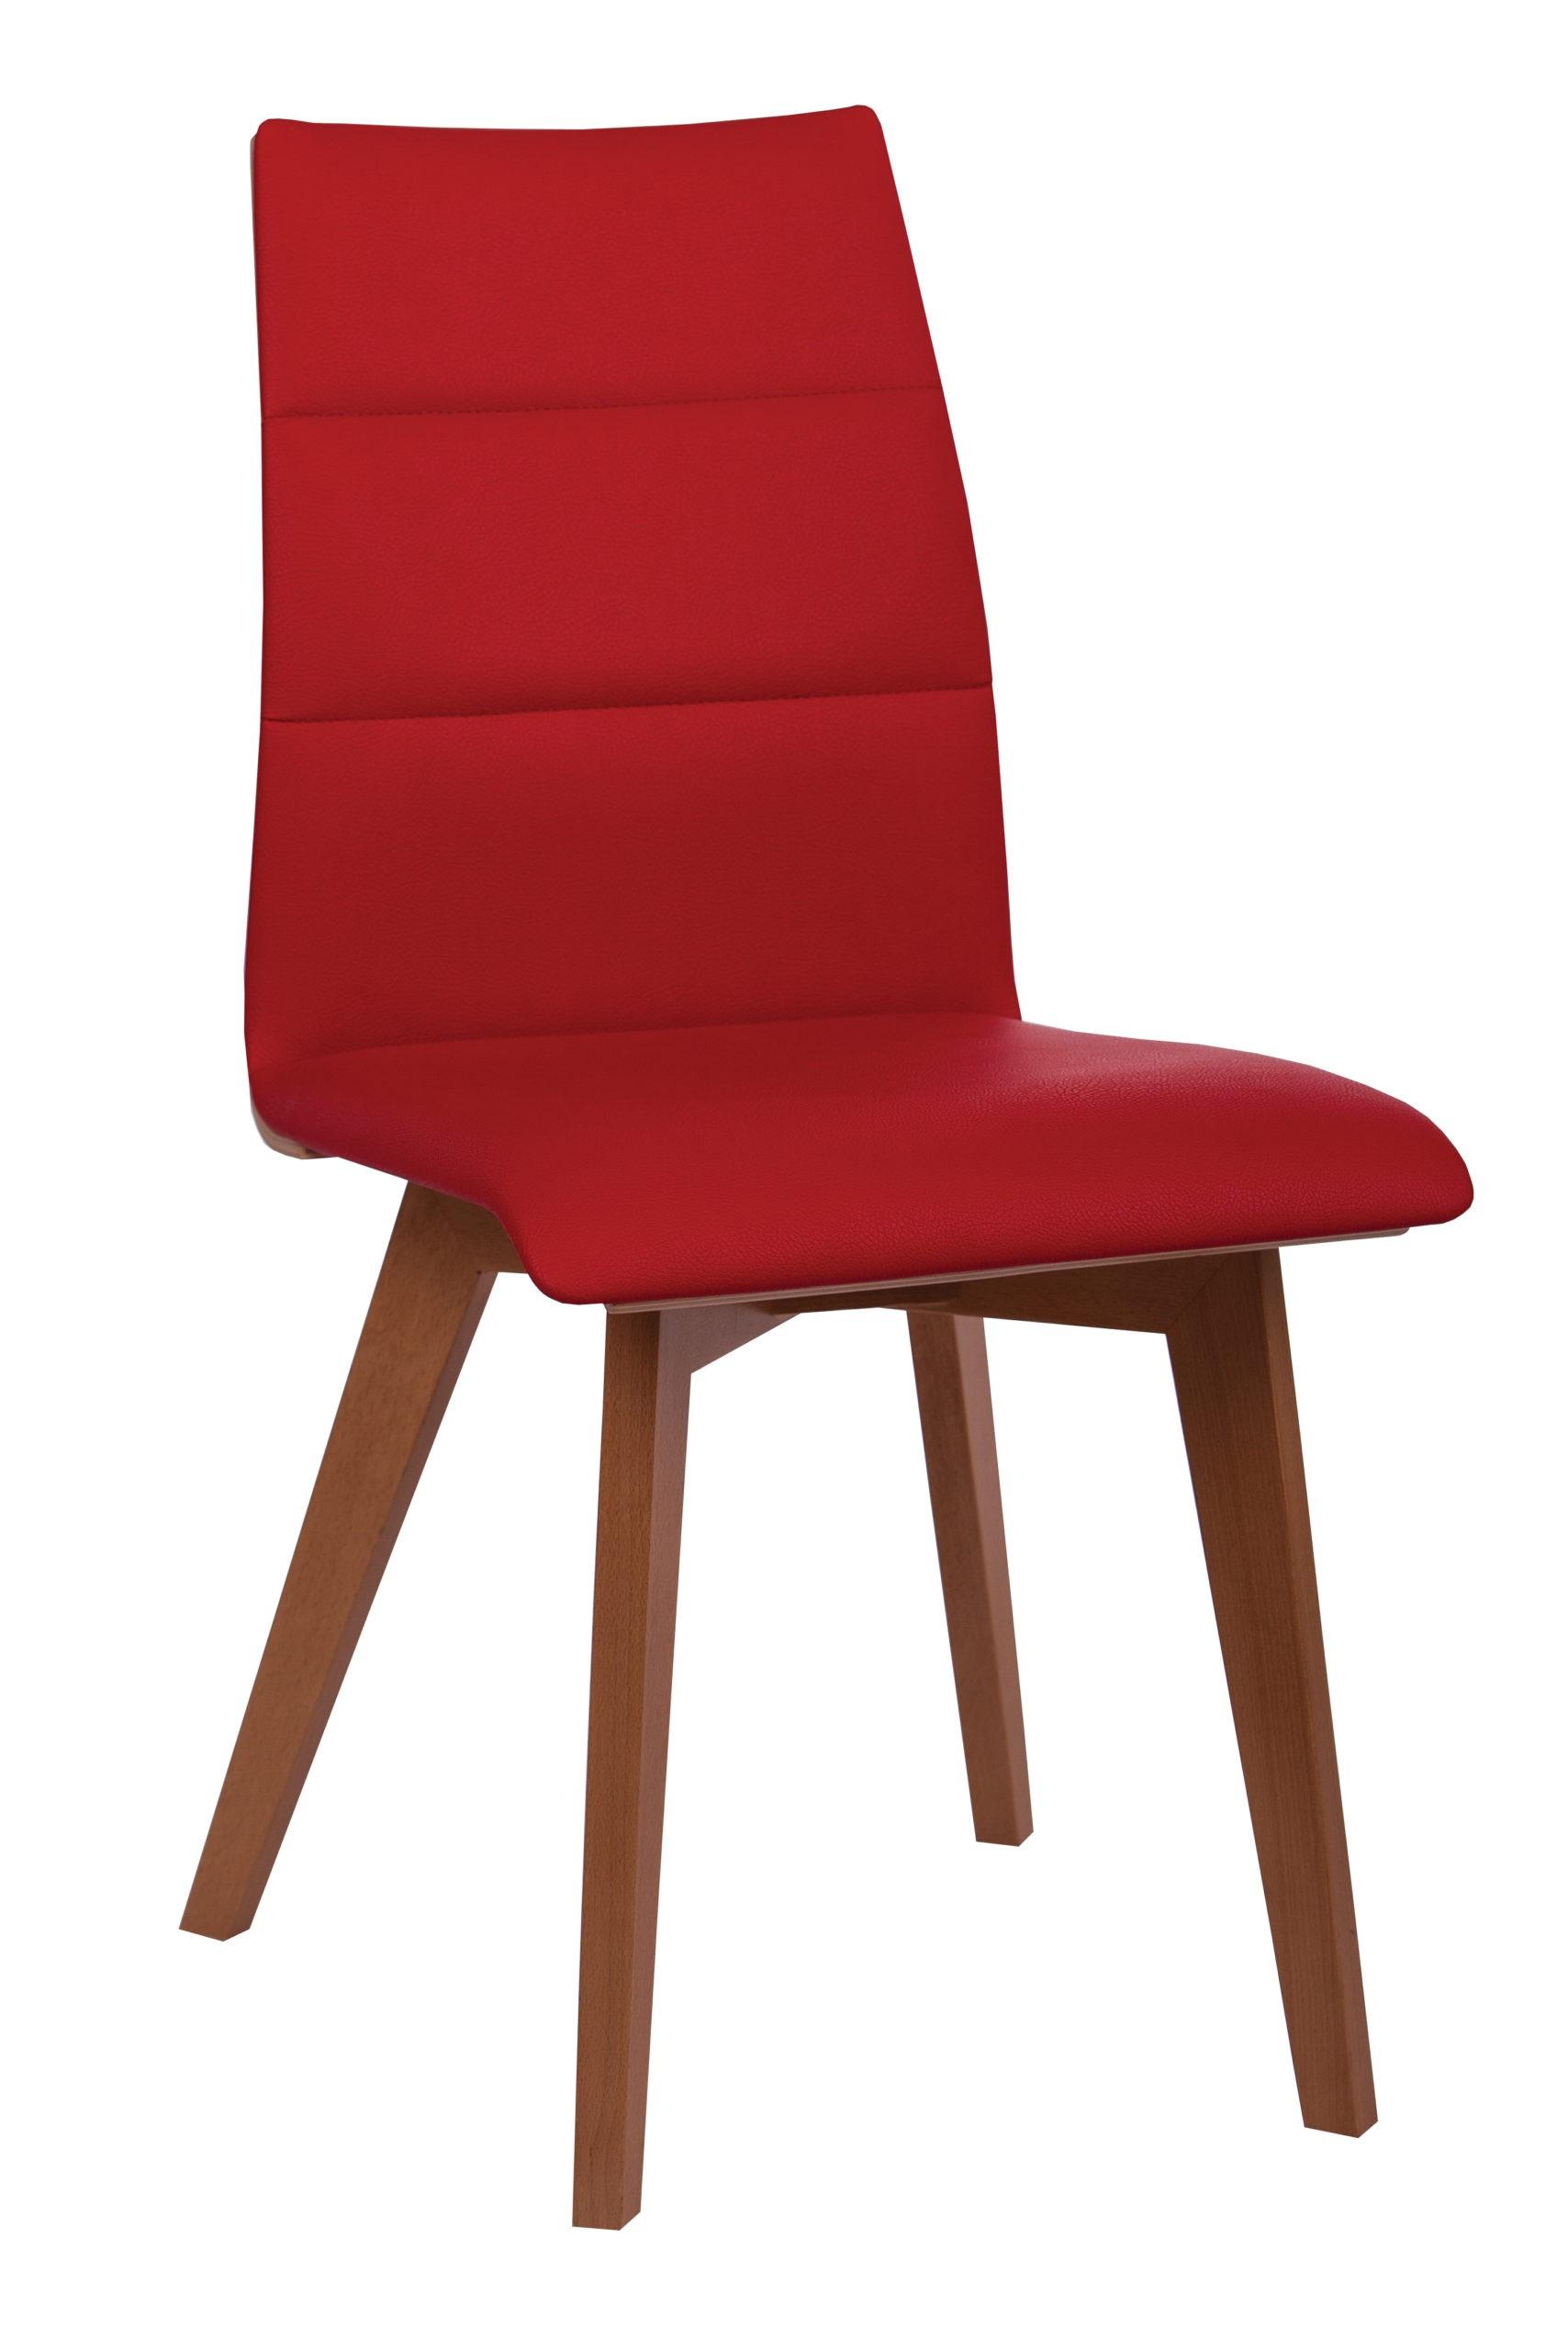 Krzesło KT 36 tapicerowane profilowane na krzyżowym efektownym stelażu